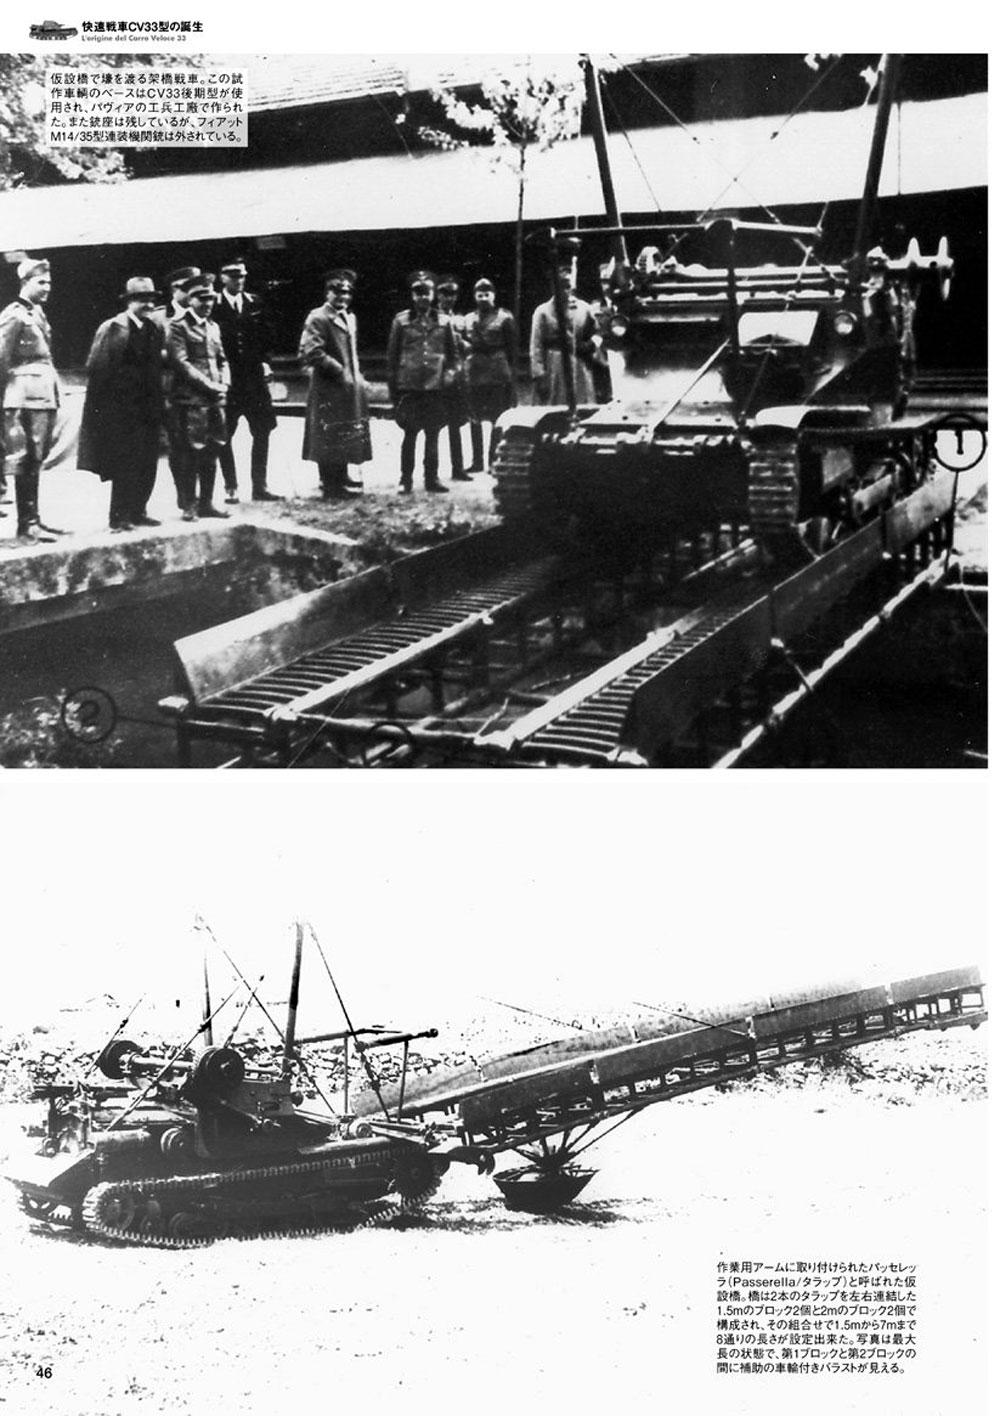 イタリアの豆戦車 写真集写真集(イカロス出版戦車No.0448-4)商品画像_2